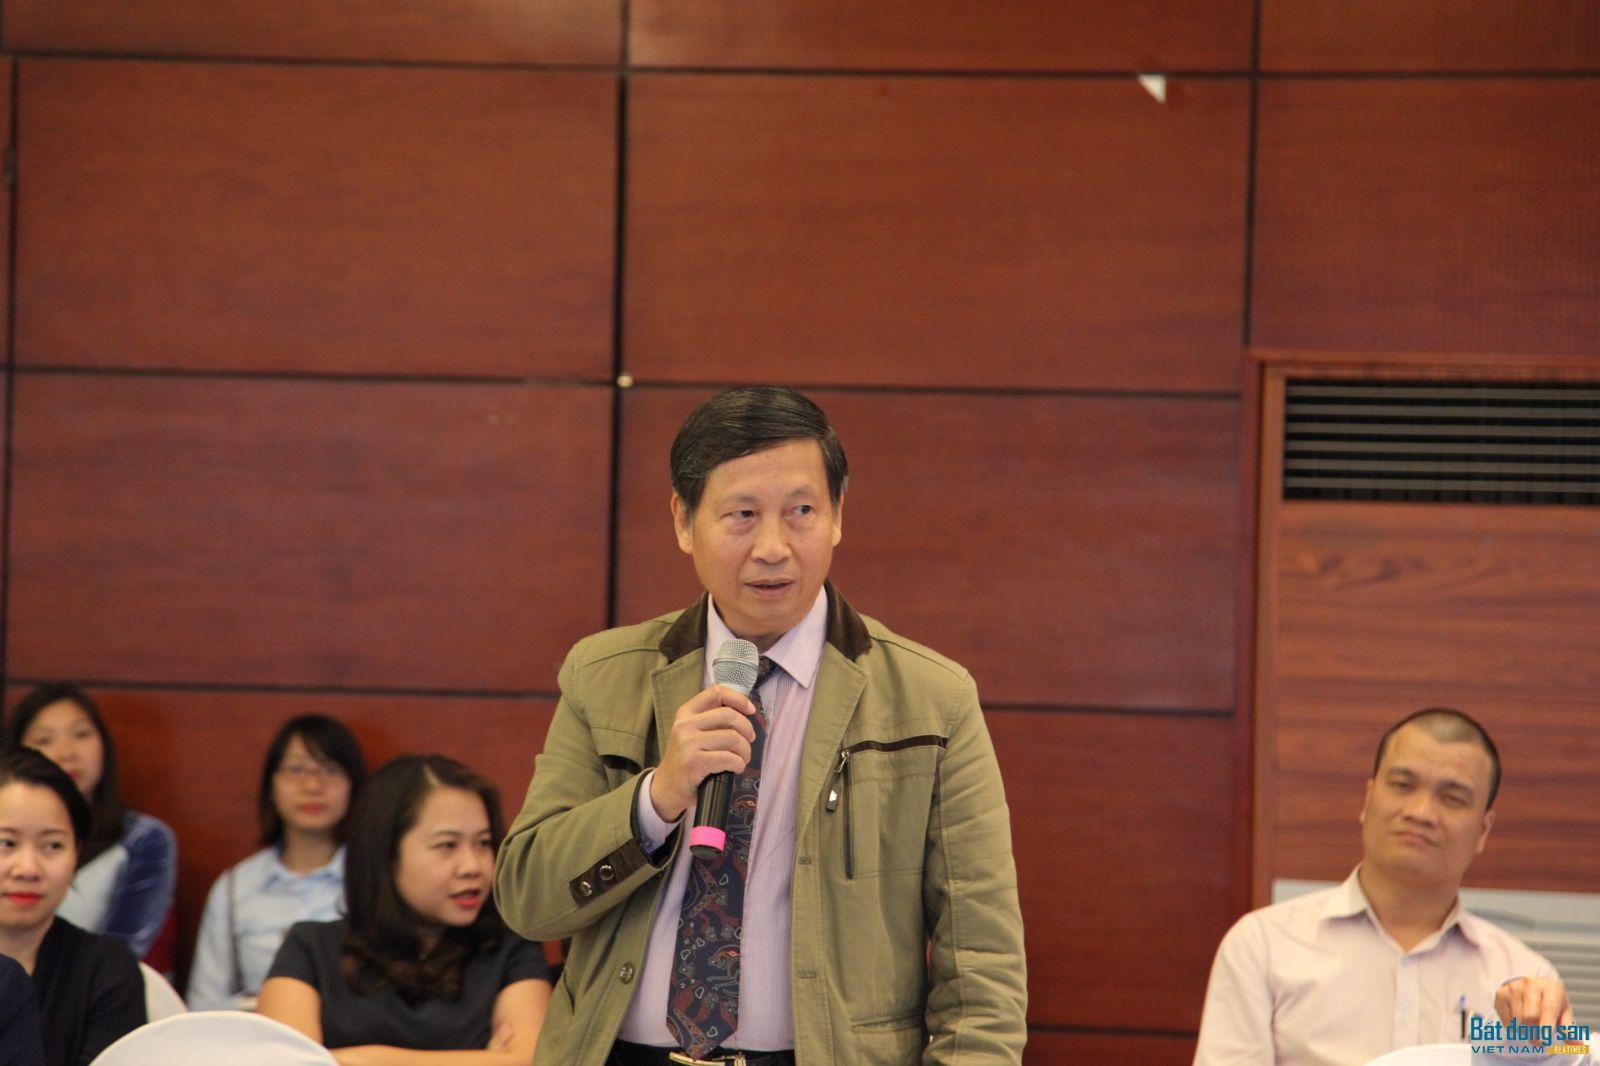 Ông Đỗ Viết Chiến, Tổng Thư ký Hiệp hội Bất động sản Việt Nam